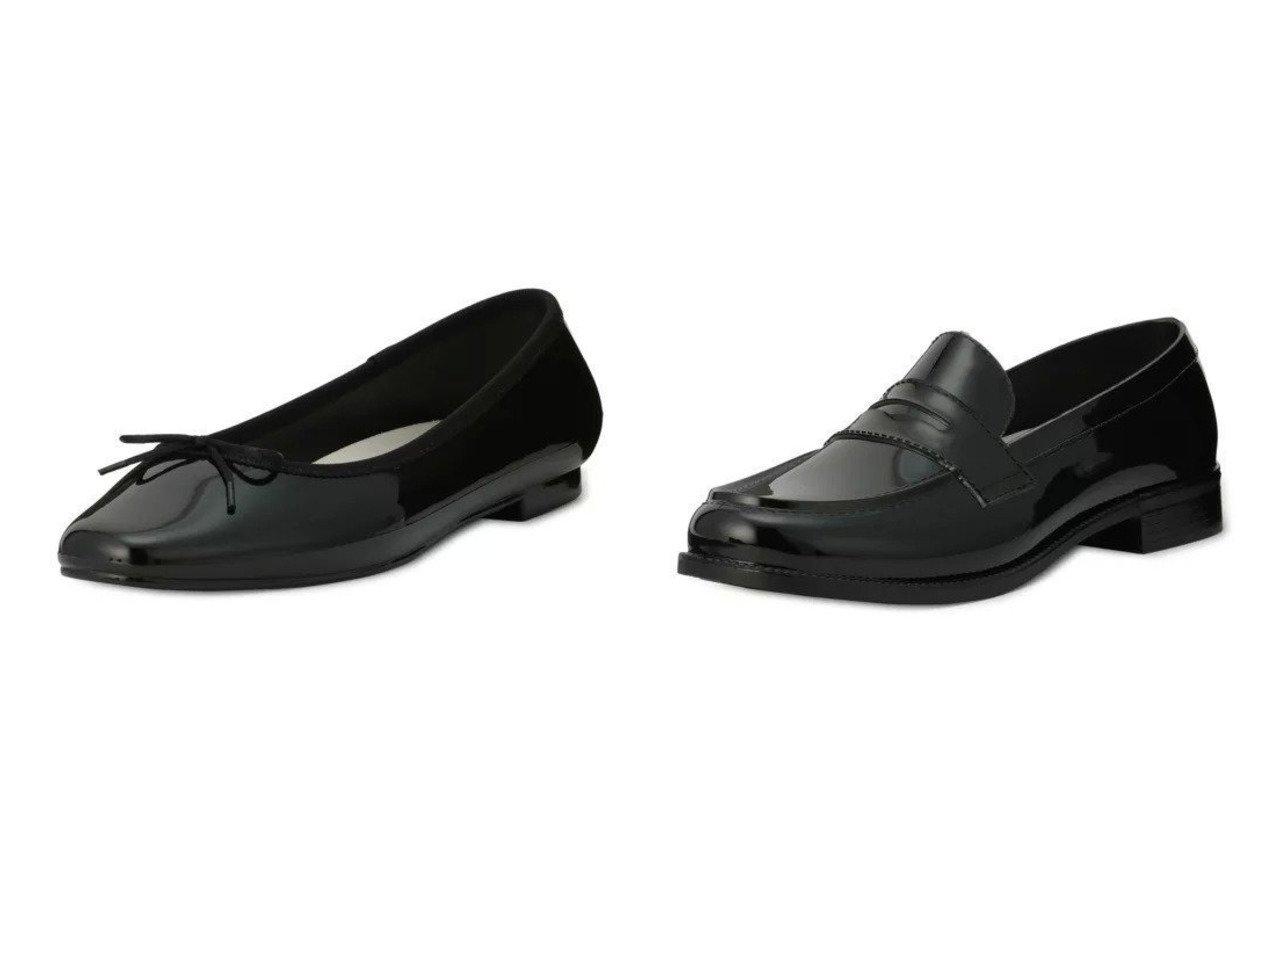 【TEMPERATE/テンパレイト】のバレエレインシューズEMMA&ローファーレインシューズLLOYD 【シューズ・靴】おすすめ!人気トレンド・レディースファッション通販 おすすめで人気の流行・トレンド、ファッションの通販商品 インテリア・家具・メンズファッション・キッズファッション・レディースファッション・服の通販 founy(ファニー) https://founy.com/ 雑誌掲載アイテム Magazine Items ファッション雑誌 Fashion Magazines リー LEE ファッション Fashion レディースファッション WOMEN 7月号 シューズ バレエ 雑誌 |ID:crp329100000052942